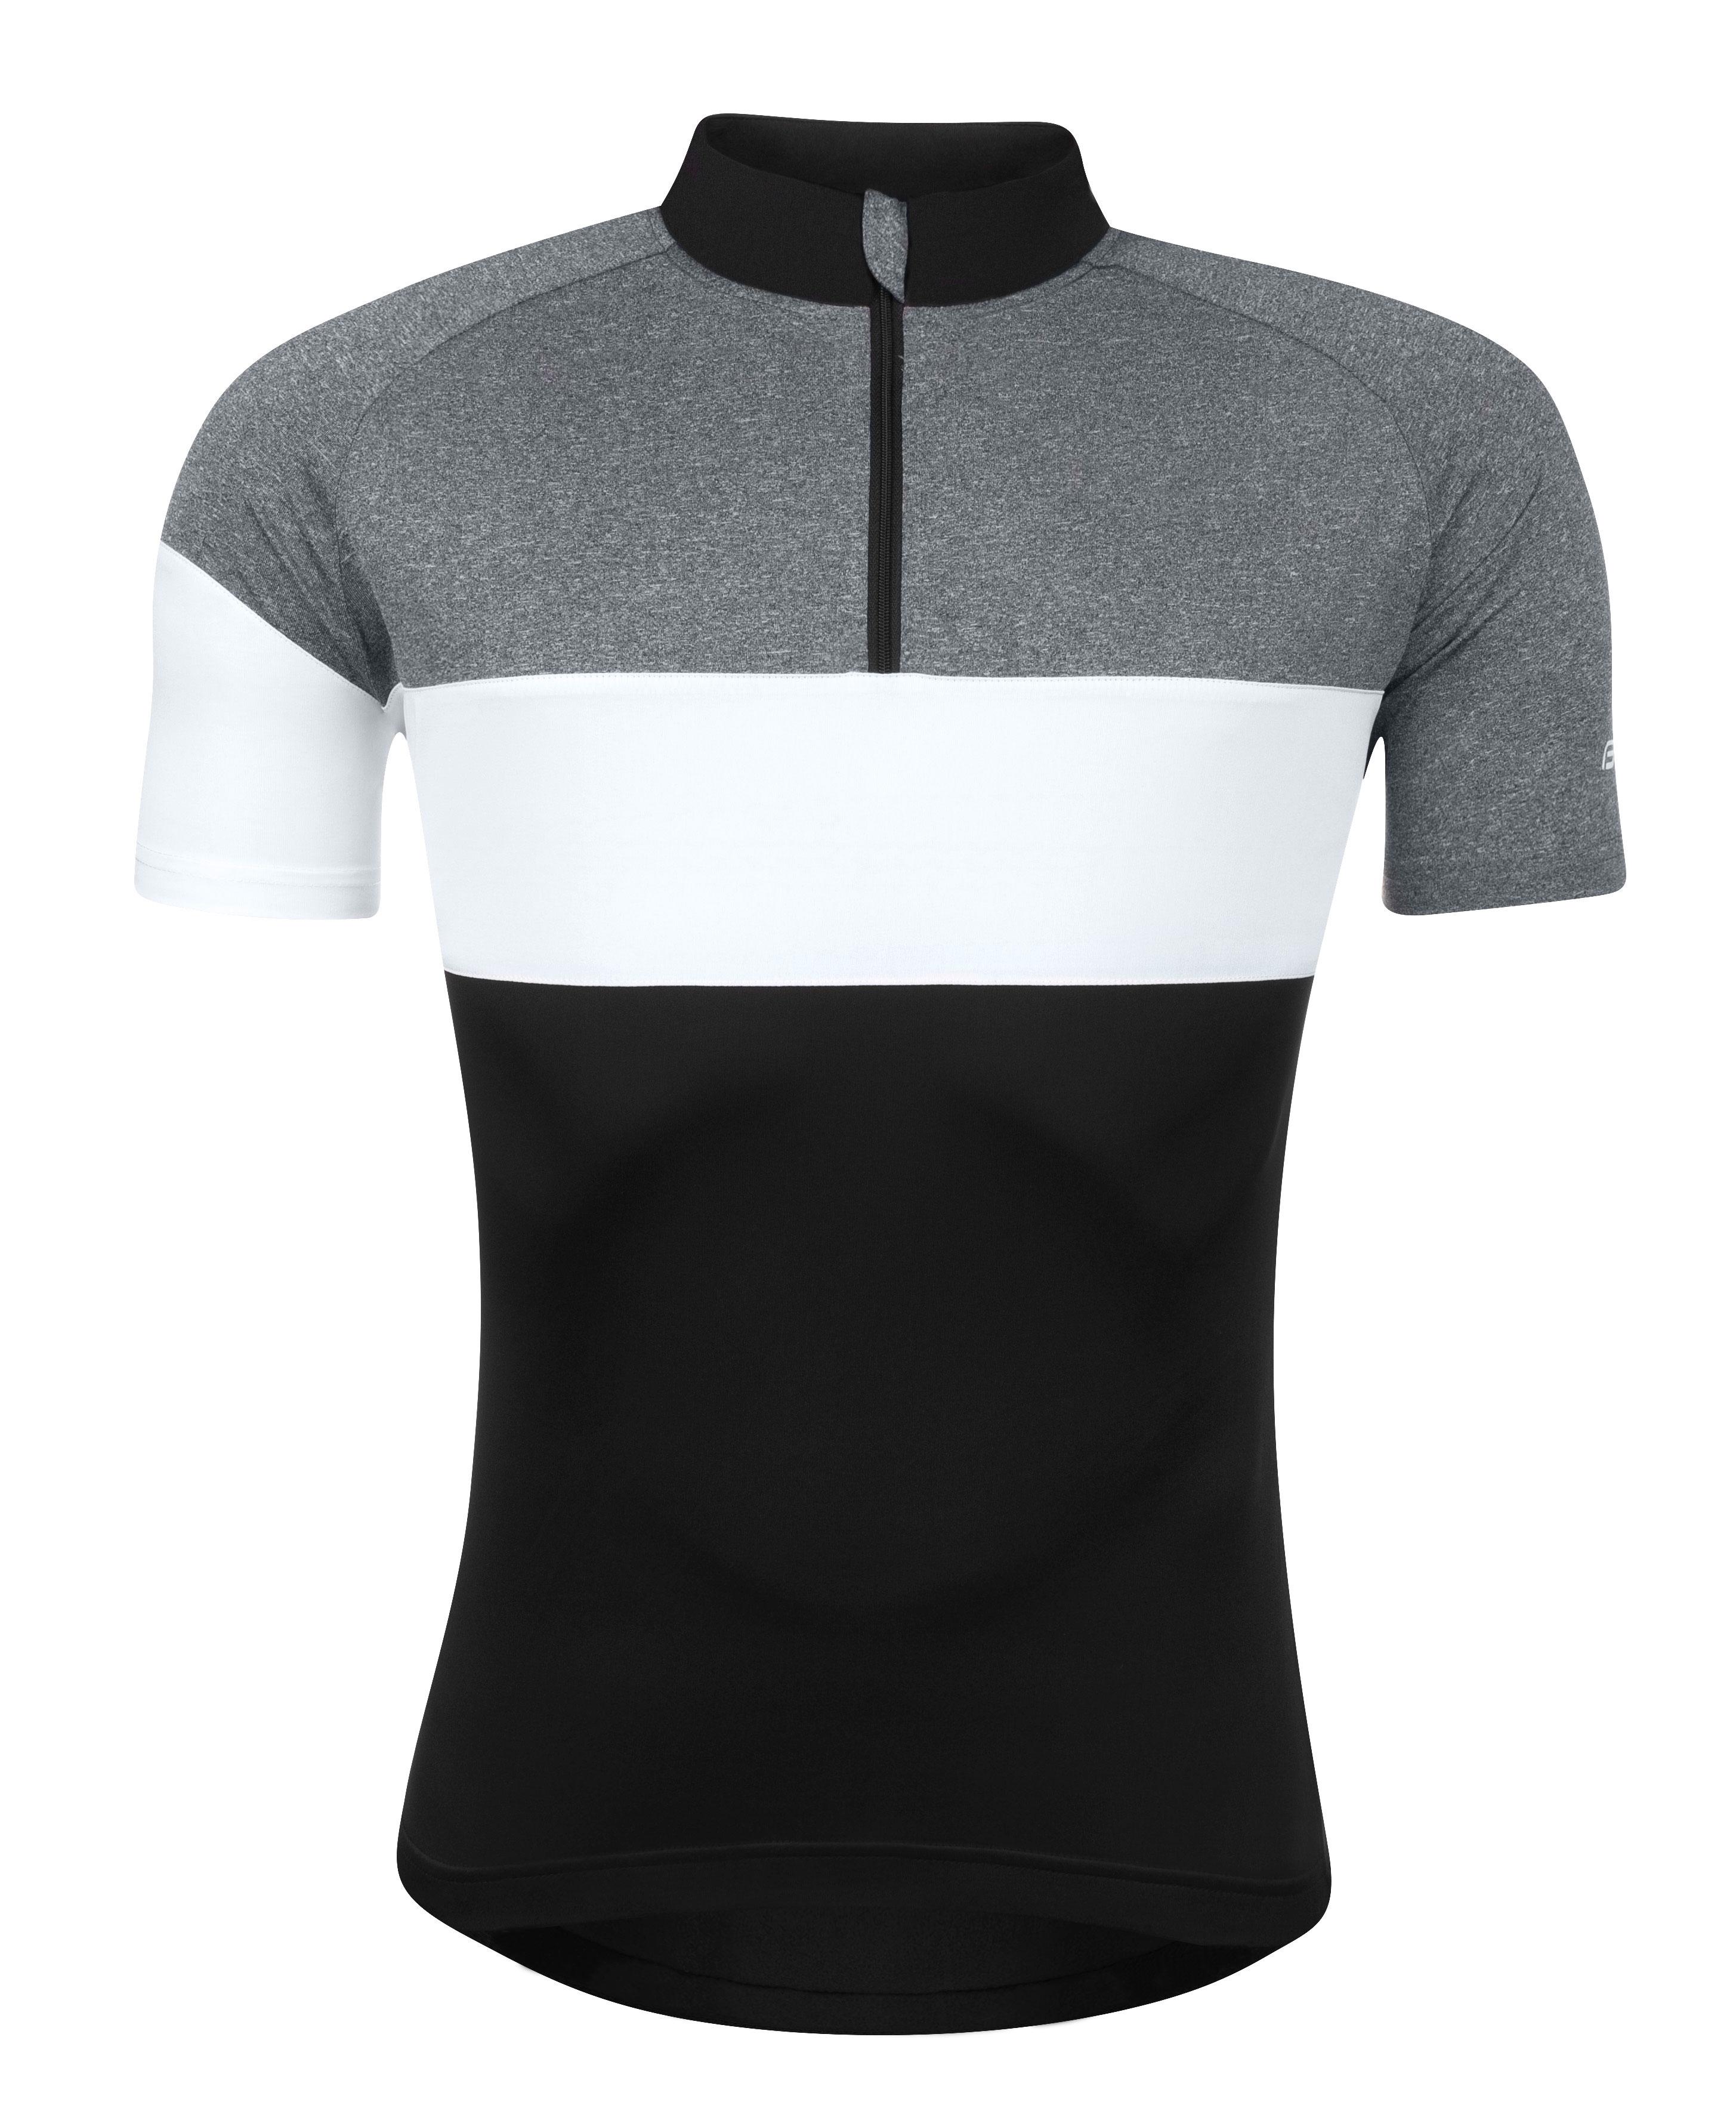 dres FORCE VIEW krátký rukáv,černo-šedo-bílý 3XL